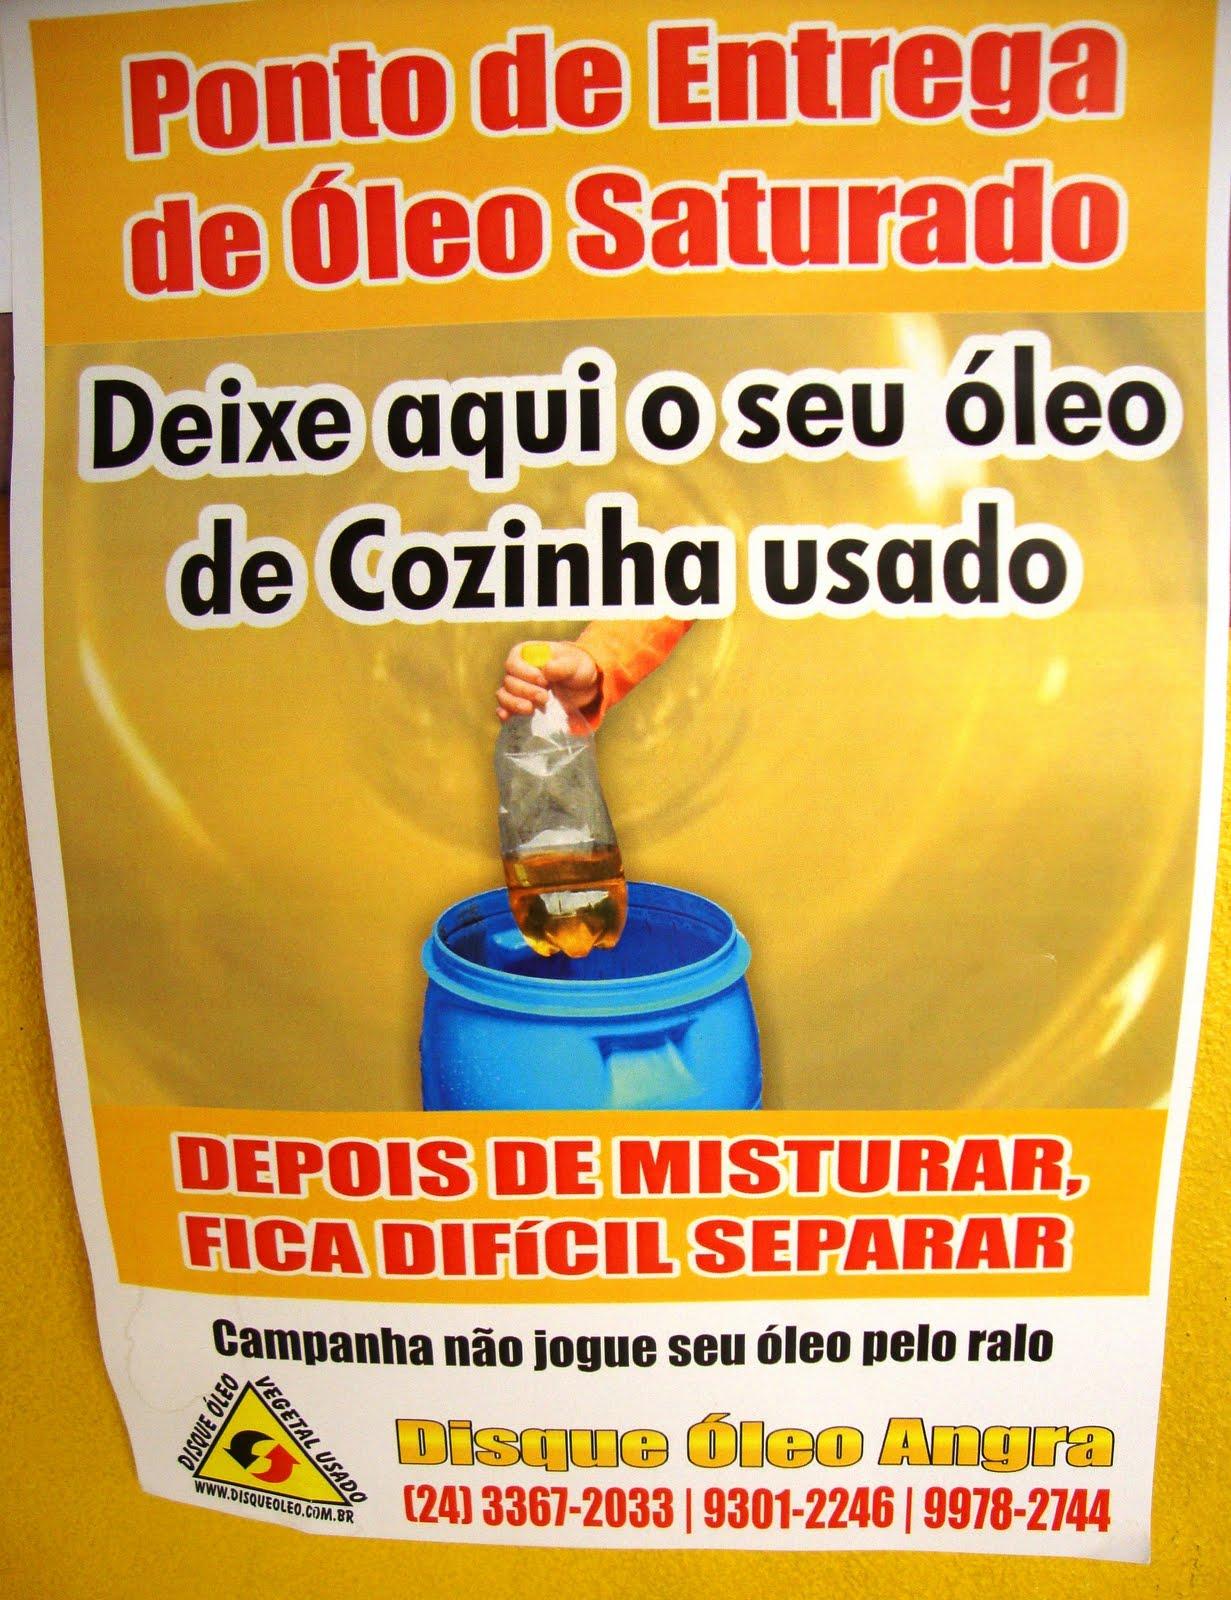 #BF210C  Mangueira Paraty: Campanha de Reciclagem do Óleo de Cozinha Usado 1231x1600 px Projeto Oleo De Cozinha Usado_4925 Imagens